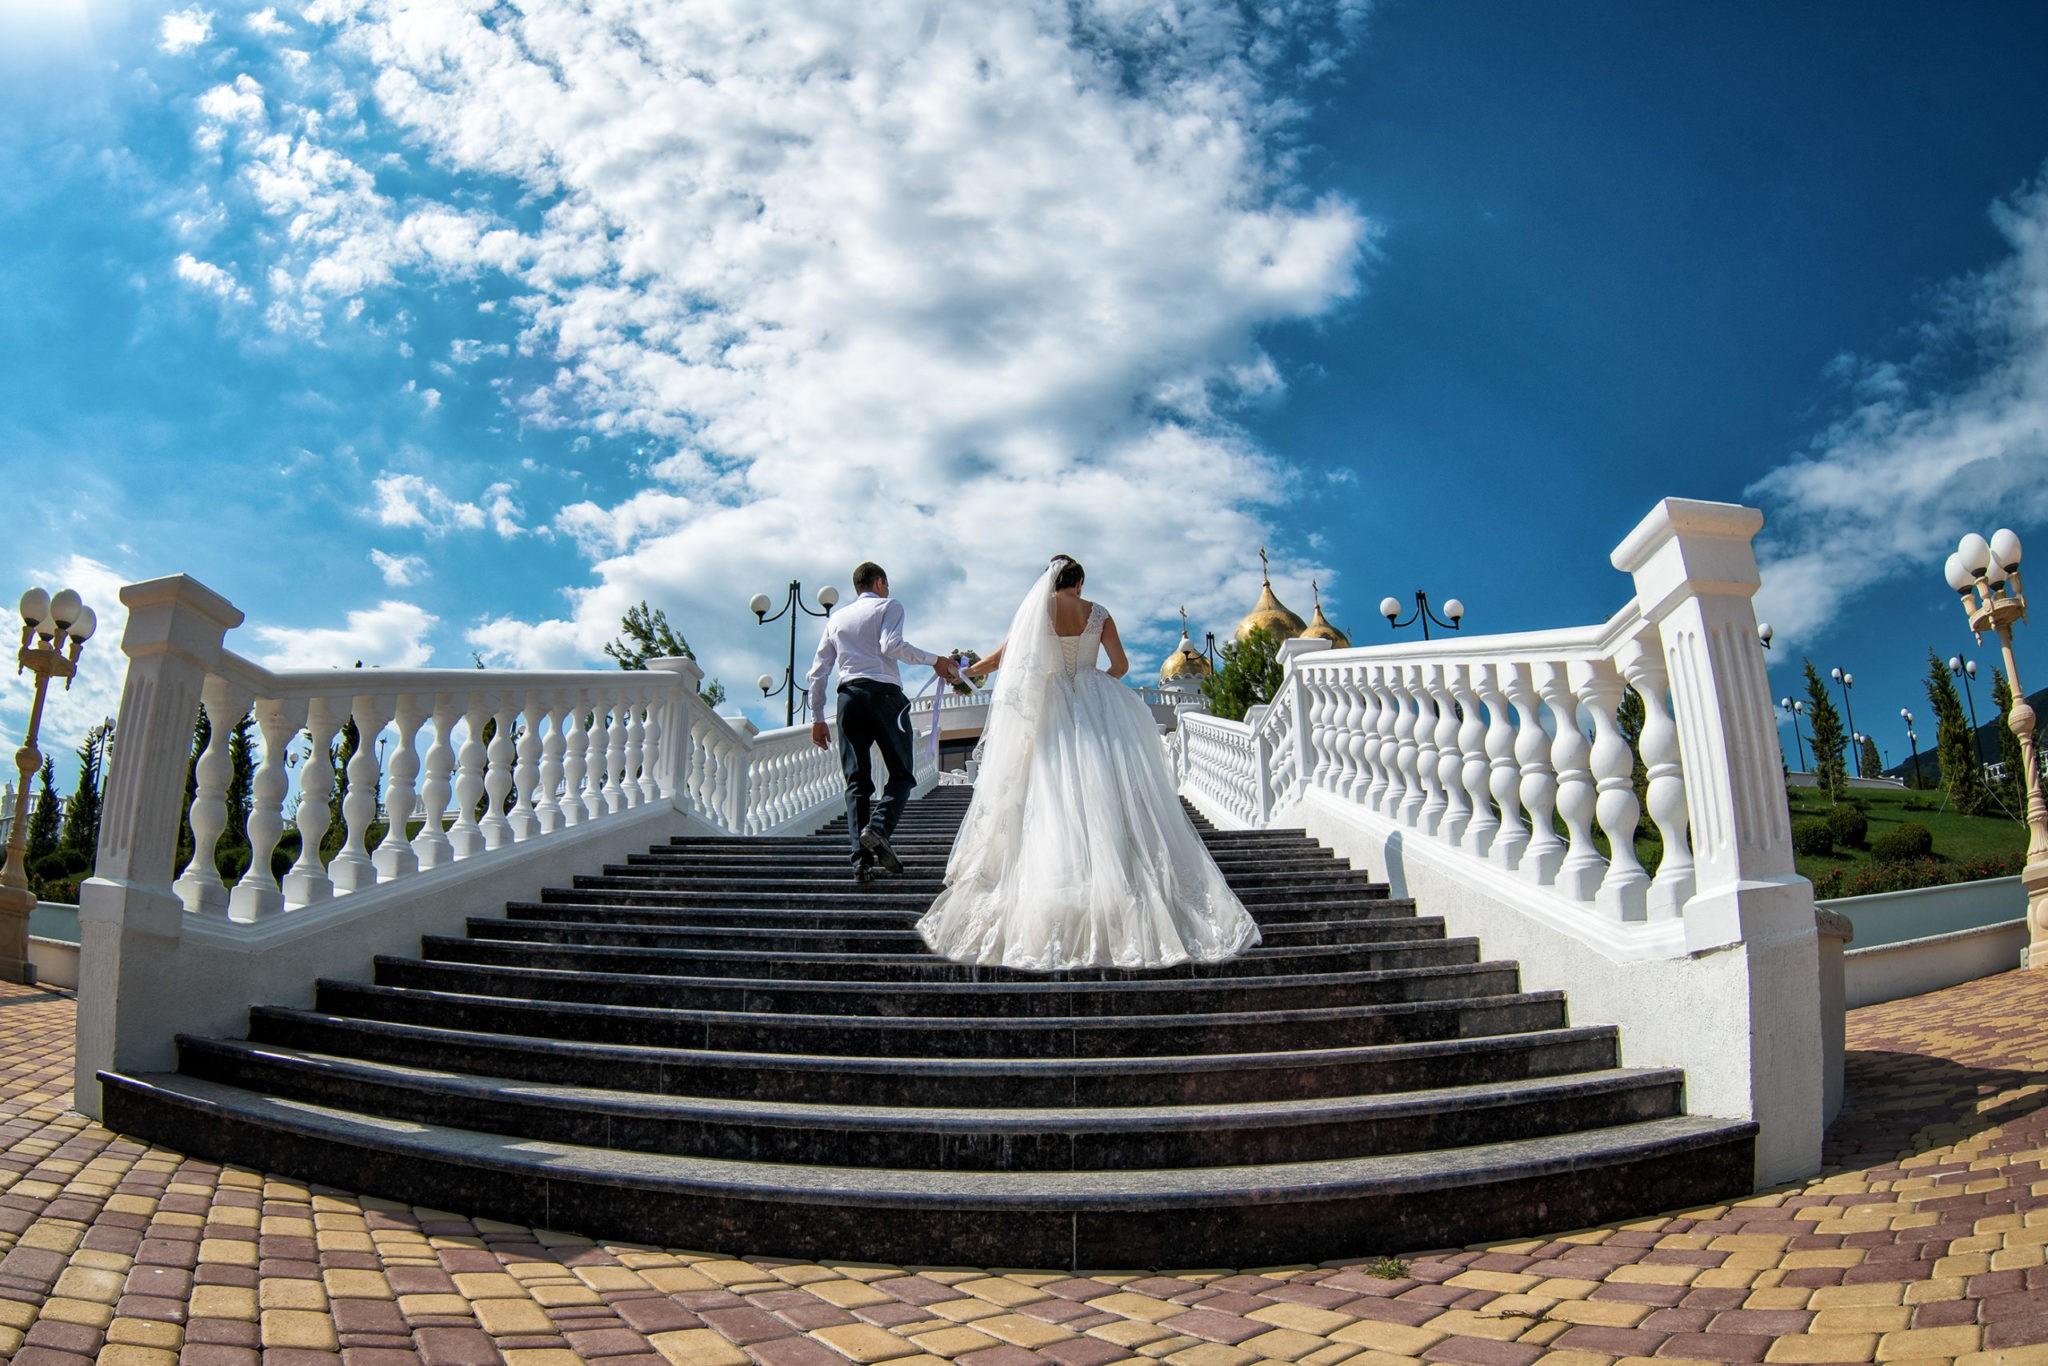 Свадебная фотосъемка от Краснодарского свадебного фотографа, прогулка невесты и жениха, путь к храму